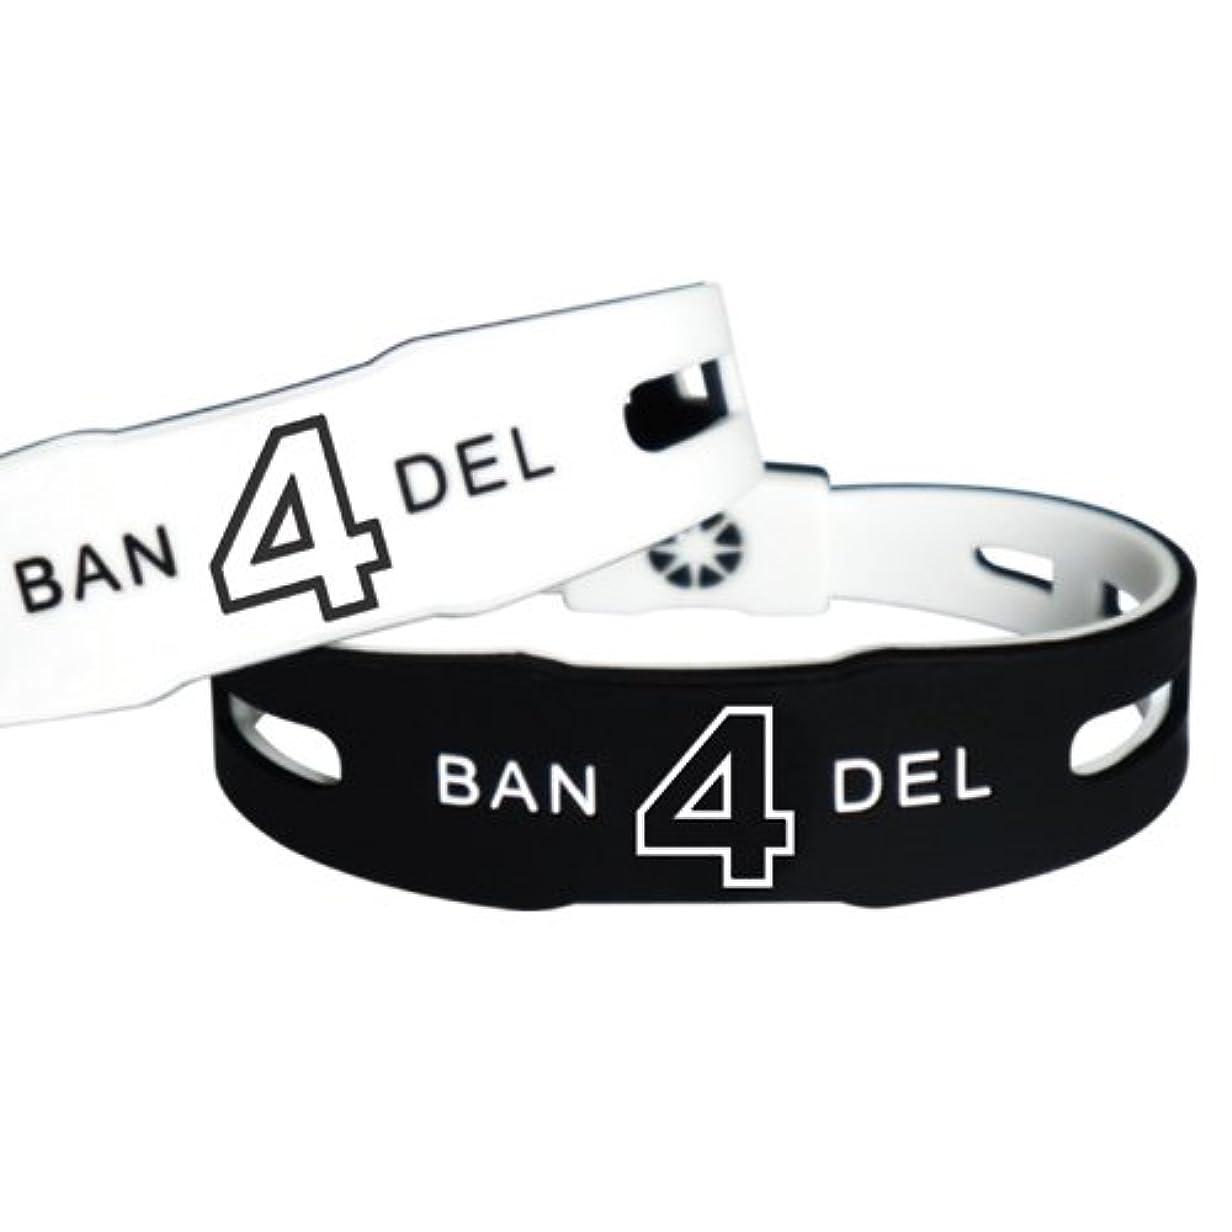 竜巻カフェ黒バンデル(BANDEL)ナンバー ブレスレット リバーシブル No.4(ブラック×ホワイト)LLサイズ